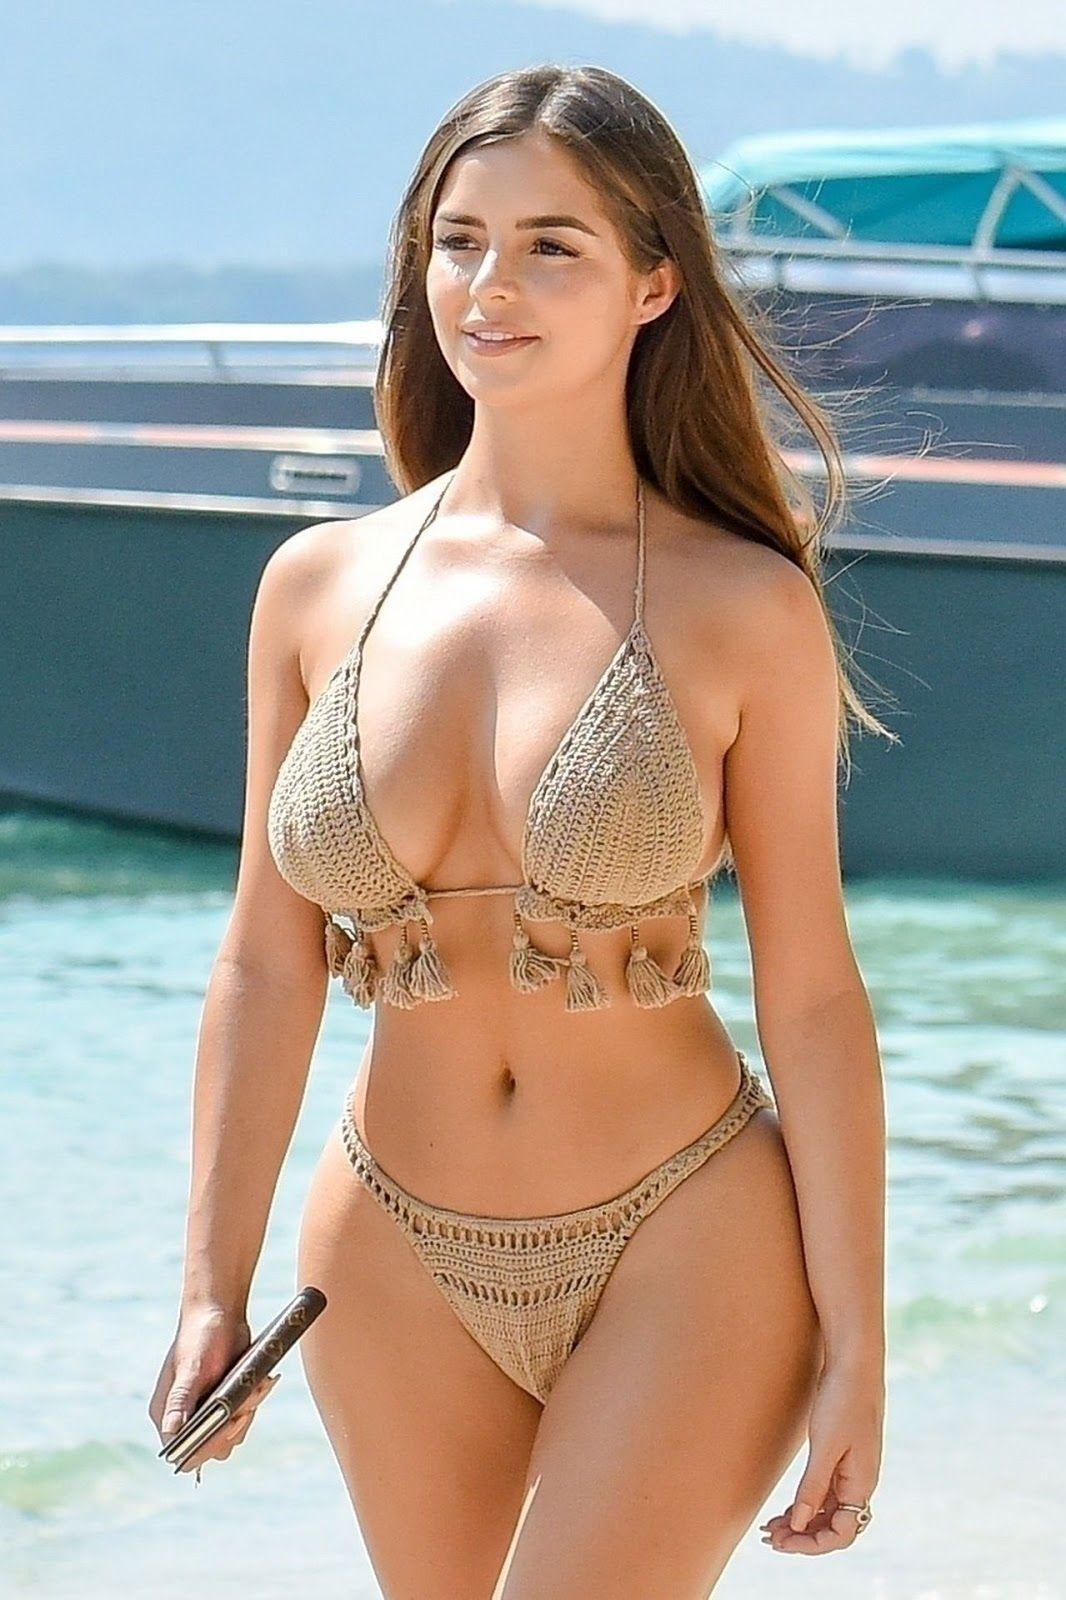 tron bo hinh nen bikini dep cho dien thoai hot nhat nam 2020 6